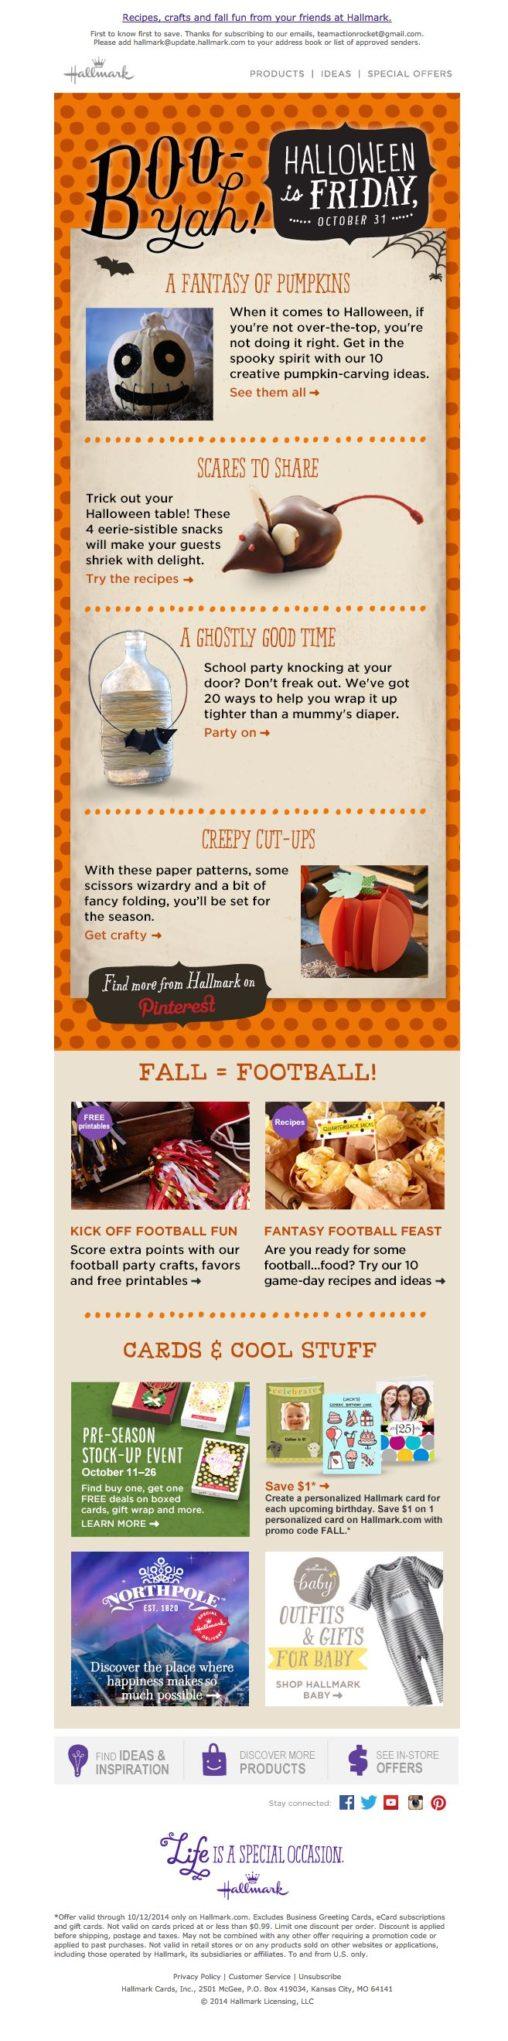 Hallmark email marketing design for Halloween